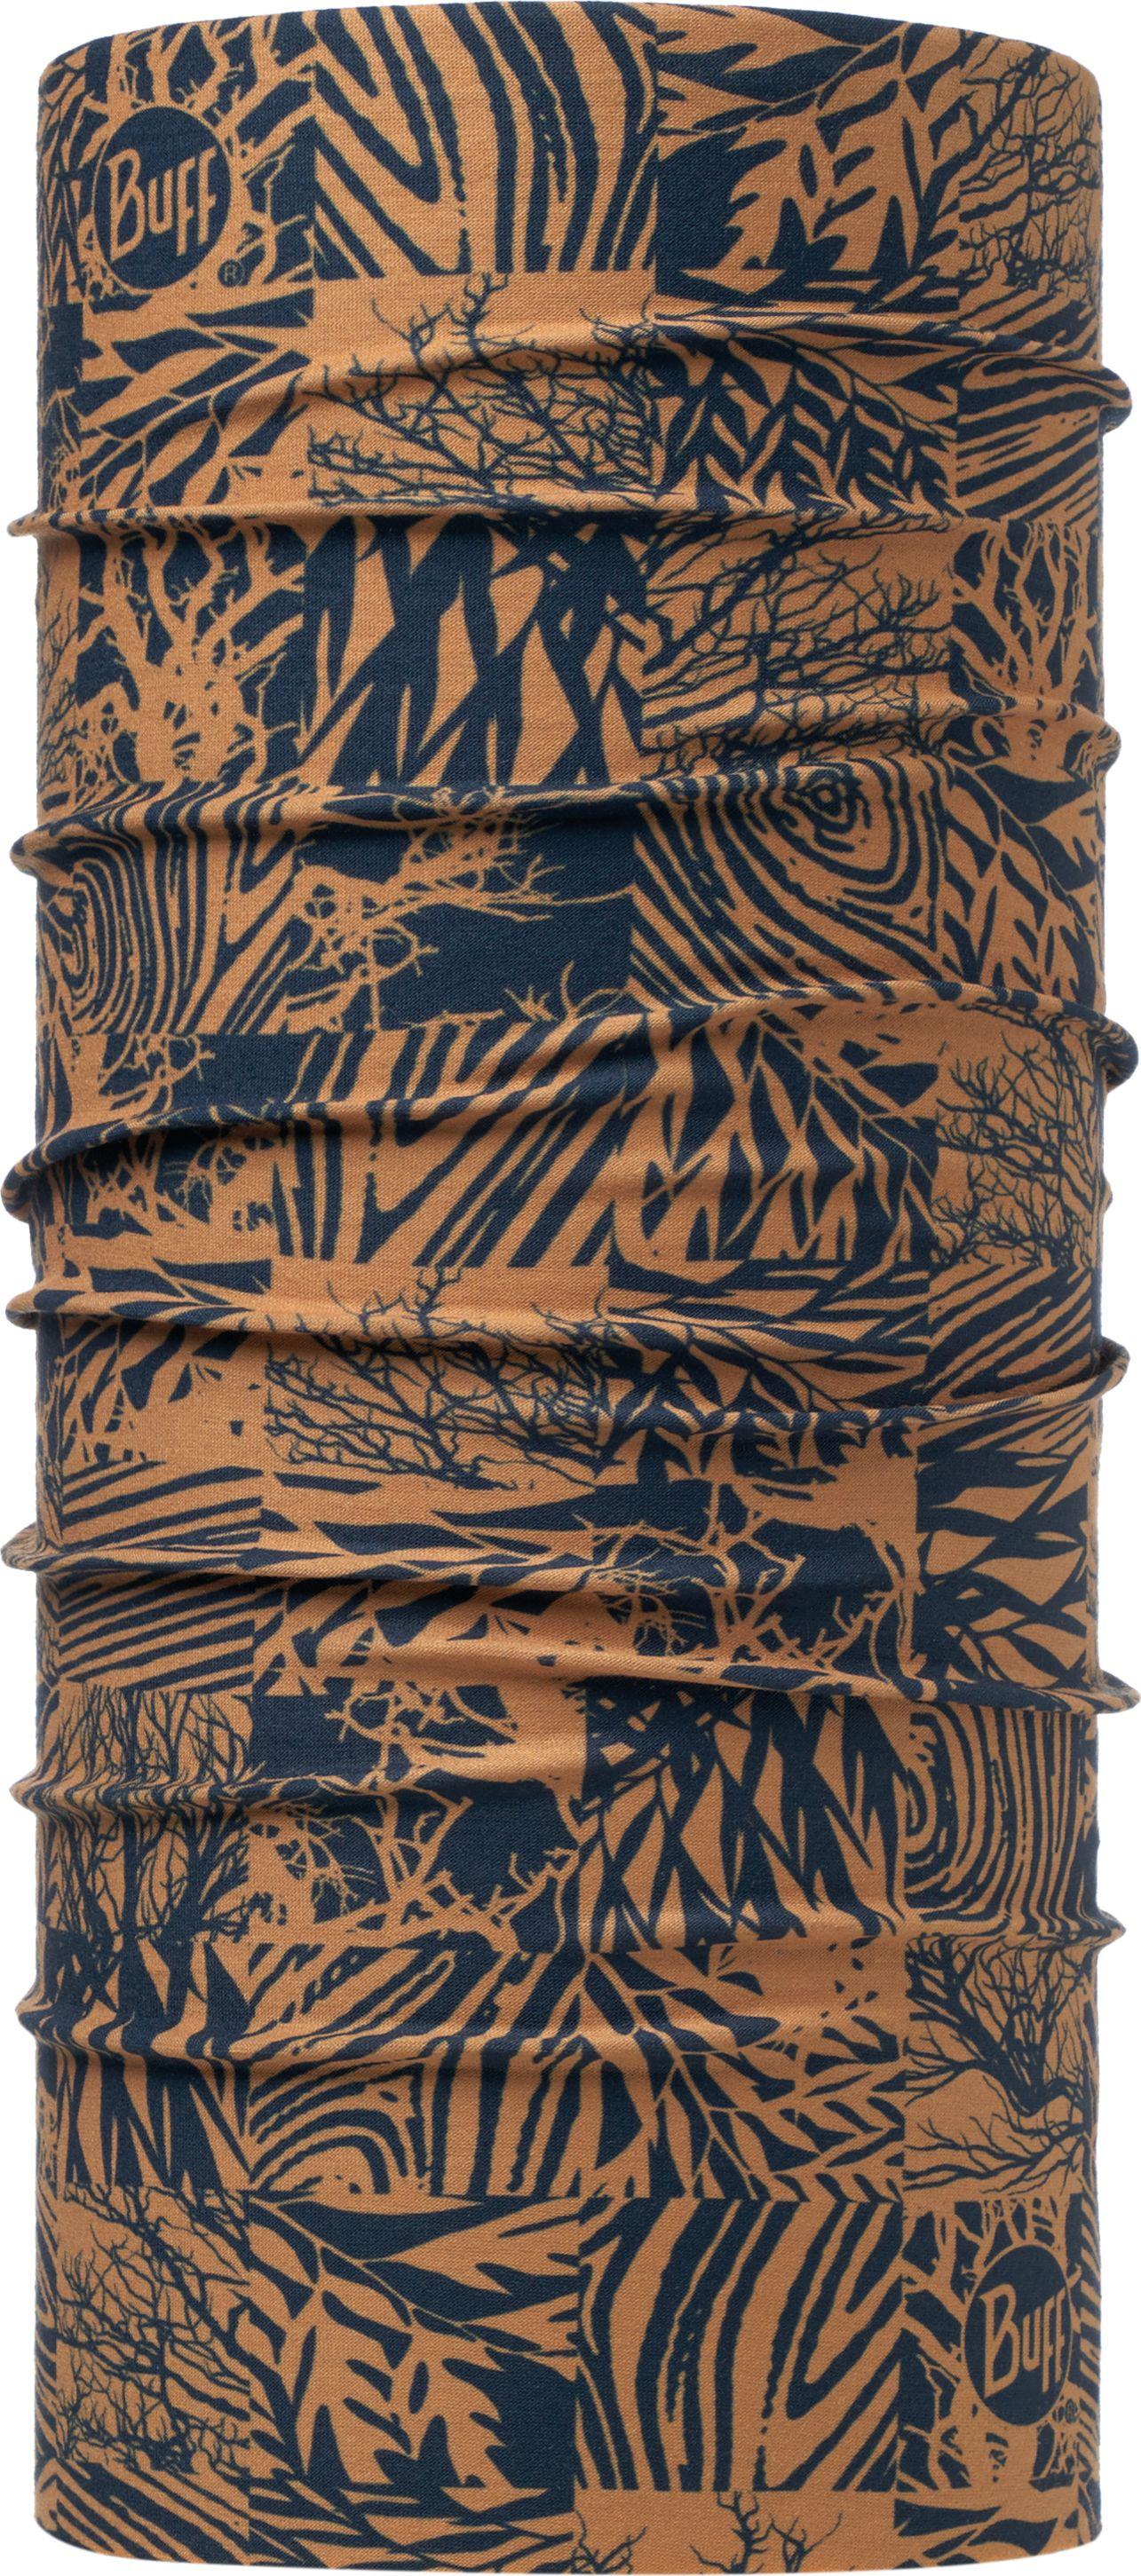 Бандана Buff UV Protection Checkboard Copper, цвет: светло-коричневый. 117016.333.10.00. Размер универсальный117016.333.10.00Бандана из серии BUFF UV PROTECTION с высокой степенью защиты от ультрафиолетового излучения. Благодаря материалу Coolmax быстро сохнет и превосходно обеспечивает терморегуляцию. Легкий бафф-трубаподходит для занятий летними видами спорта, пляжных игр, бега и пеших прогулок в жаркие дни. В модели используются материалы и технологии: ткань Coolmax Extreme; защита UVProtection; естественные свойства материала предотвращают появление неприятного запаха с применением технологии POLYGIENE; связана по круговой технологии, поэтому не имеет швов. Особенности: превосходная воздухопроницаемость и контроль влажности; легкий вес.Бандана прекрасно держится на голове и не спадает при любой степени активности. Размер (обхват головы): 55-62 см.